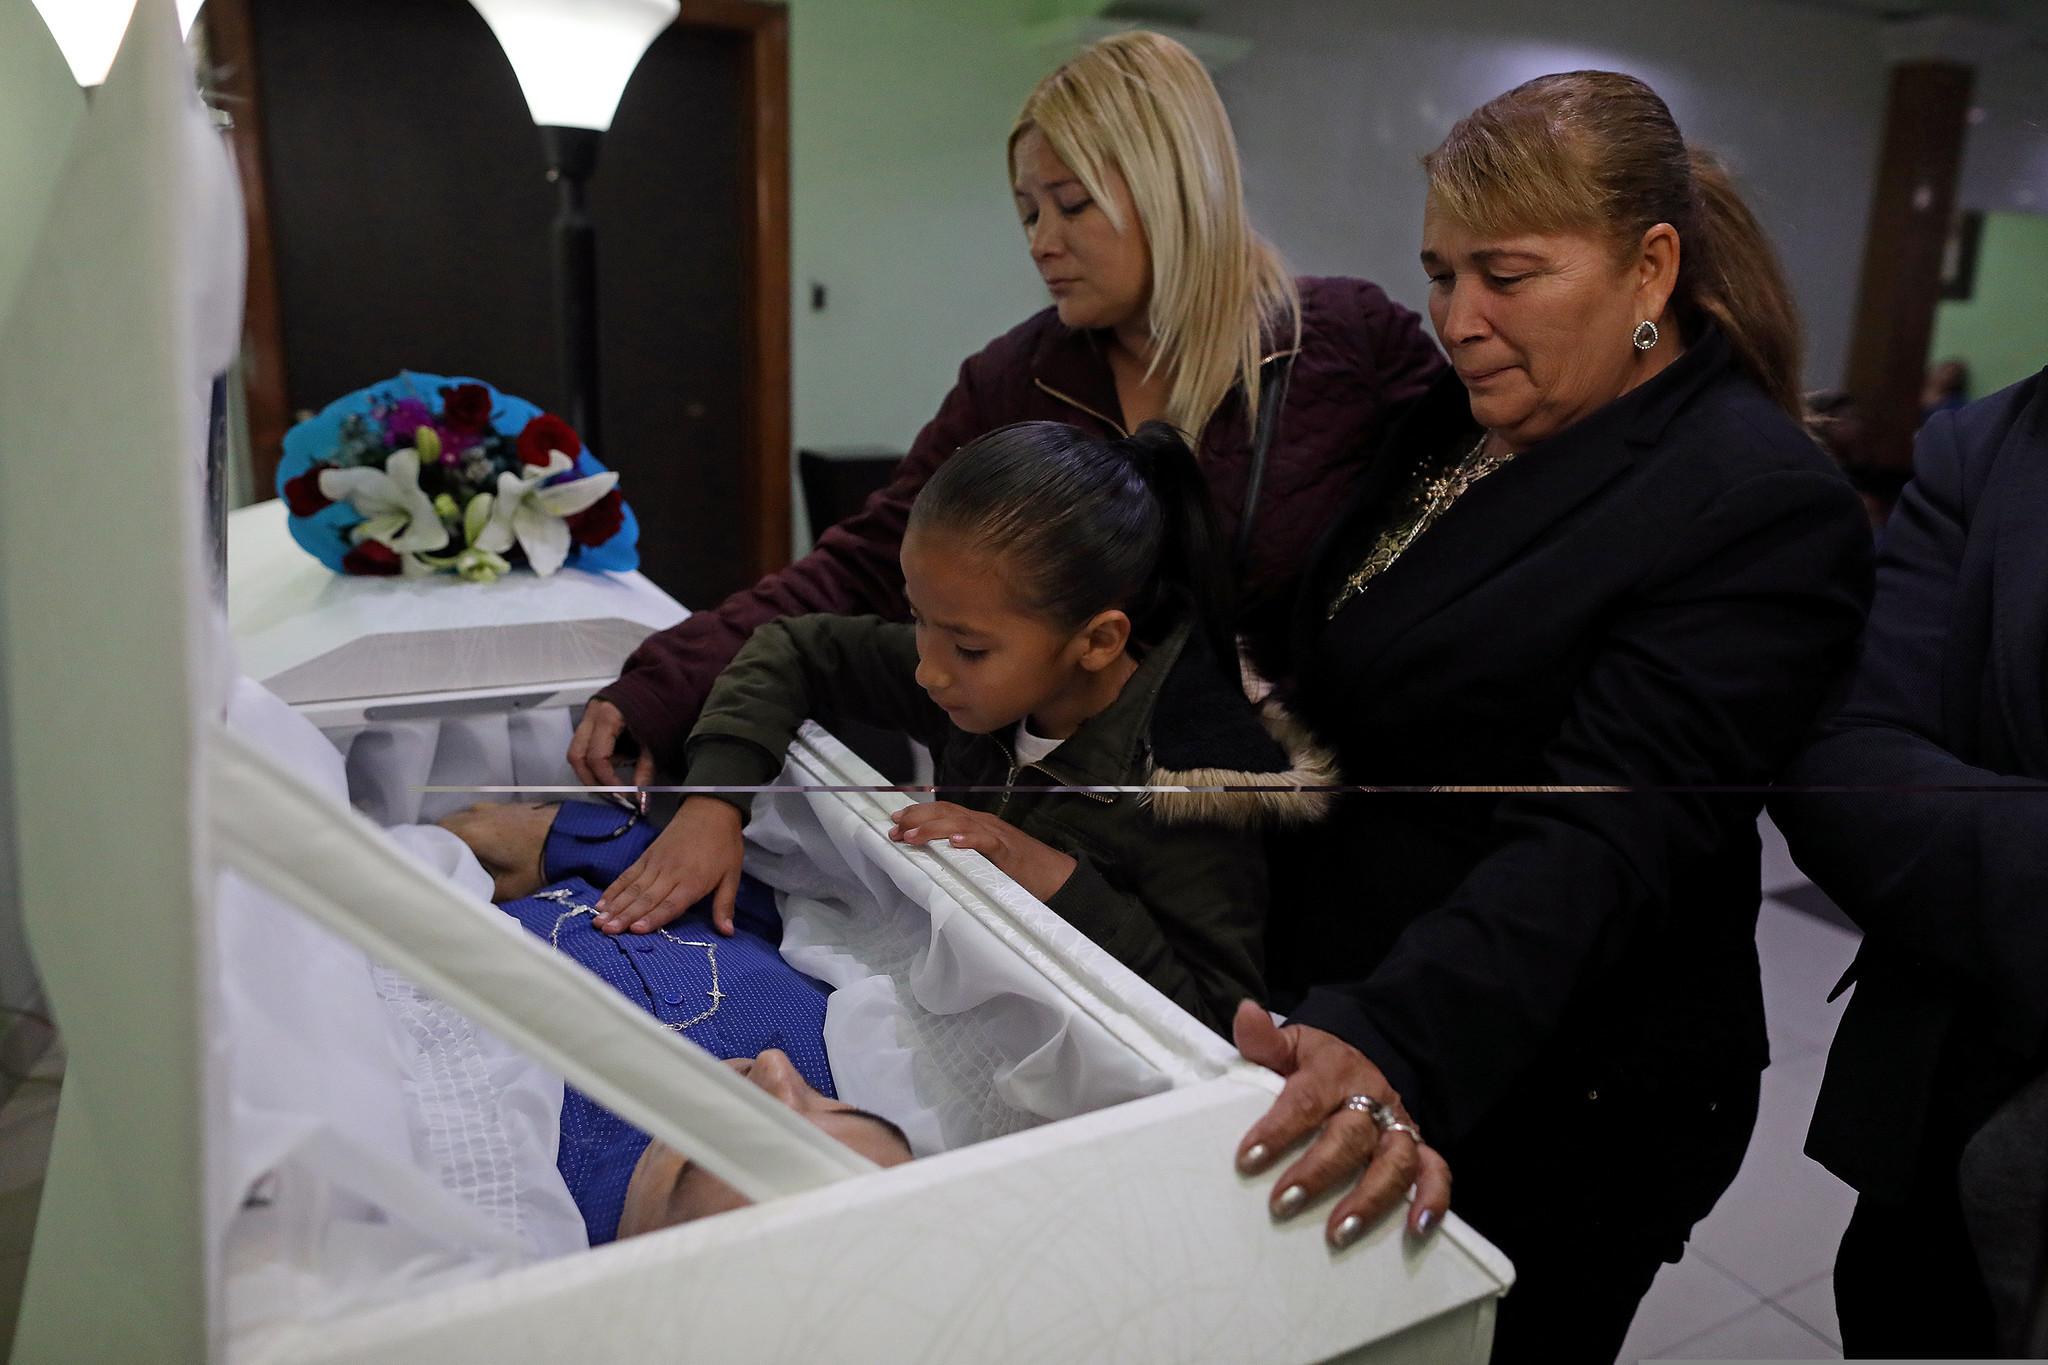 Tijuana mourners